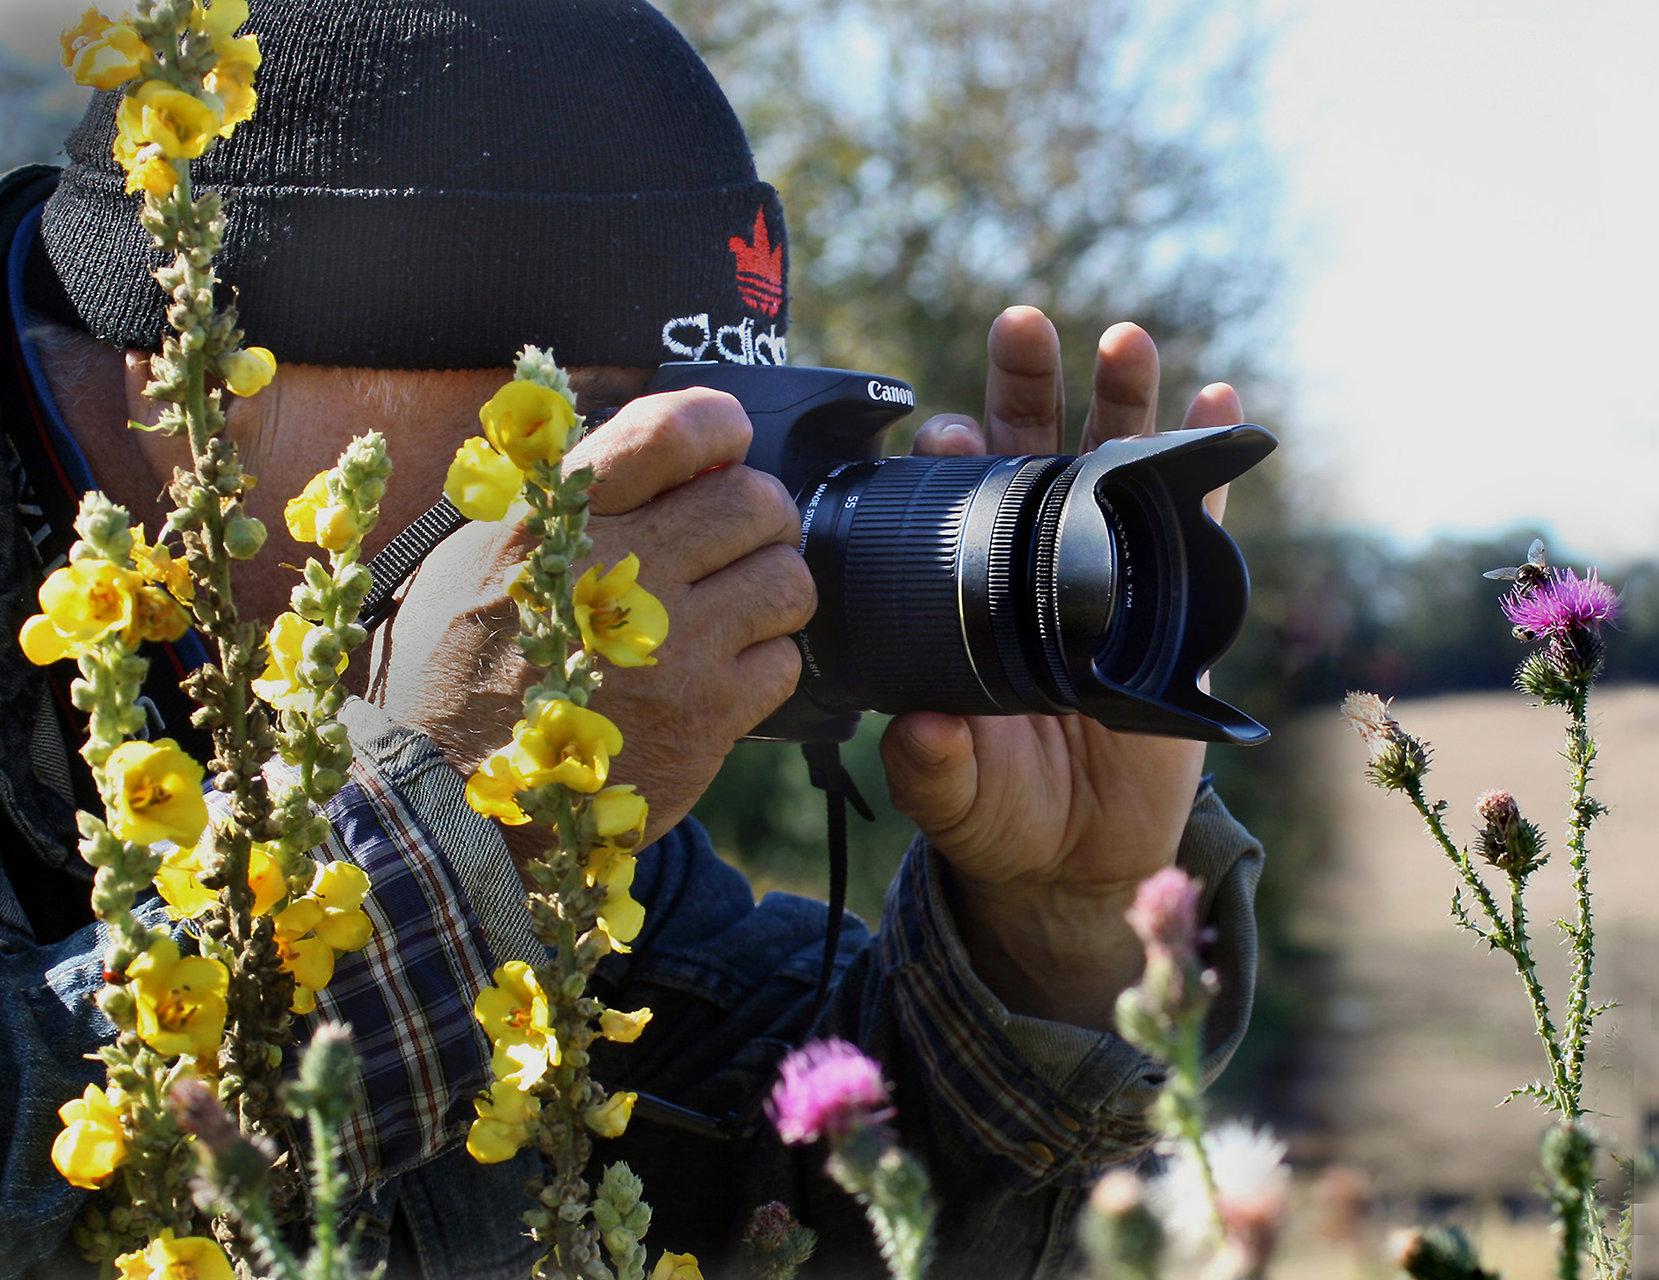 Photo in Macro | Author Ihif | PHOTO FORUM